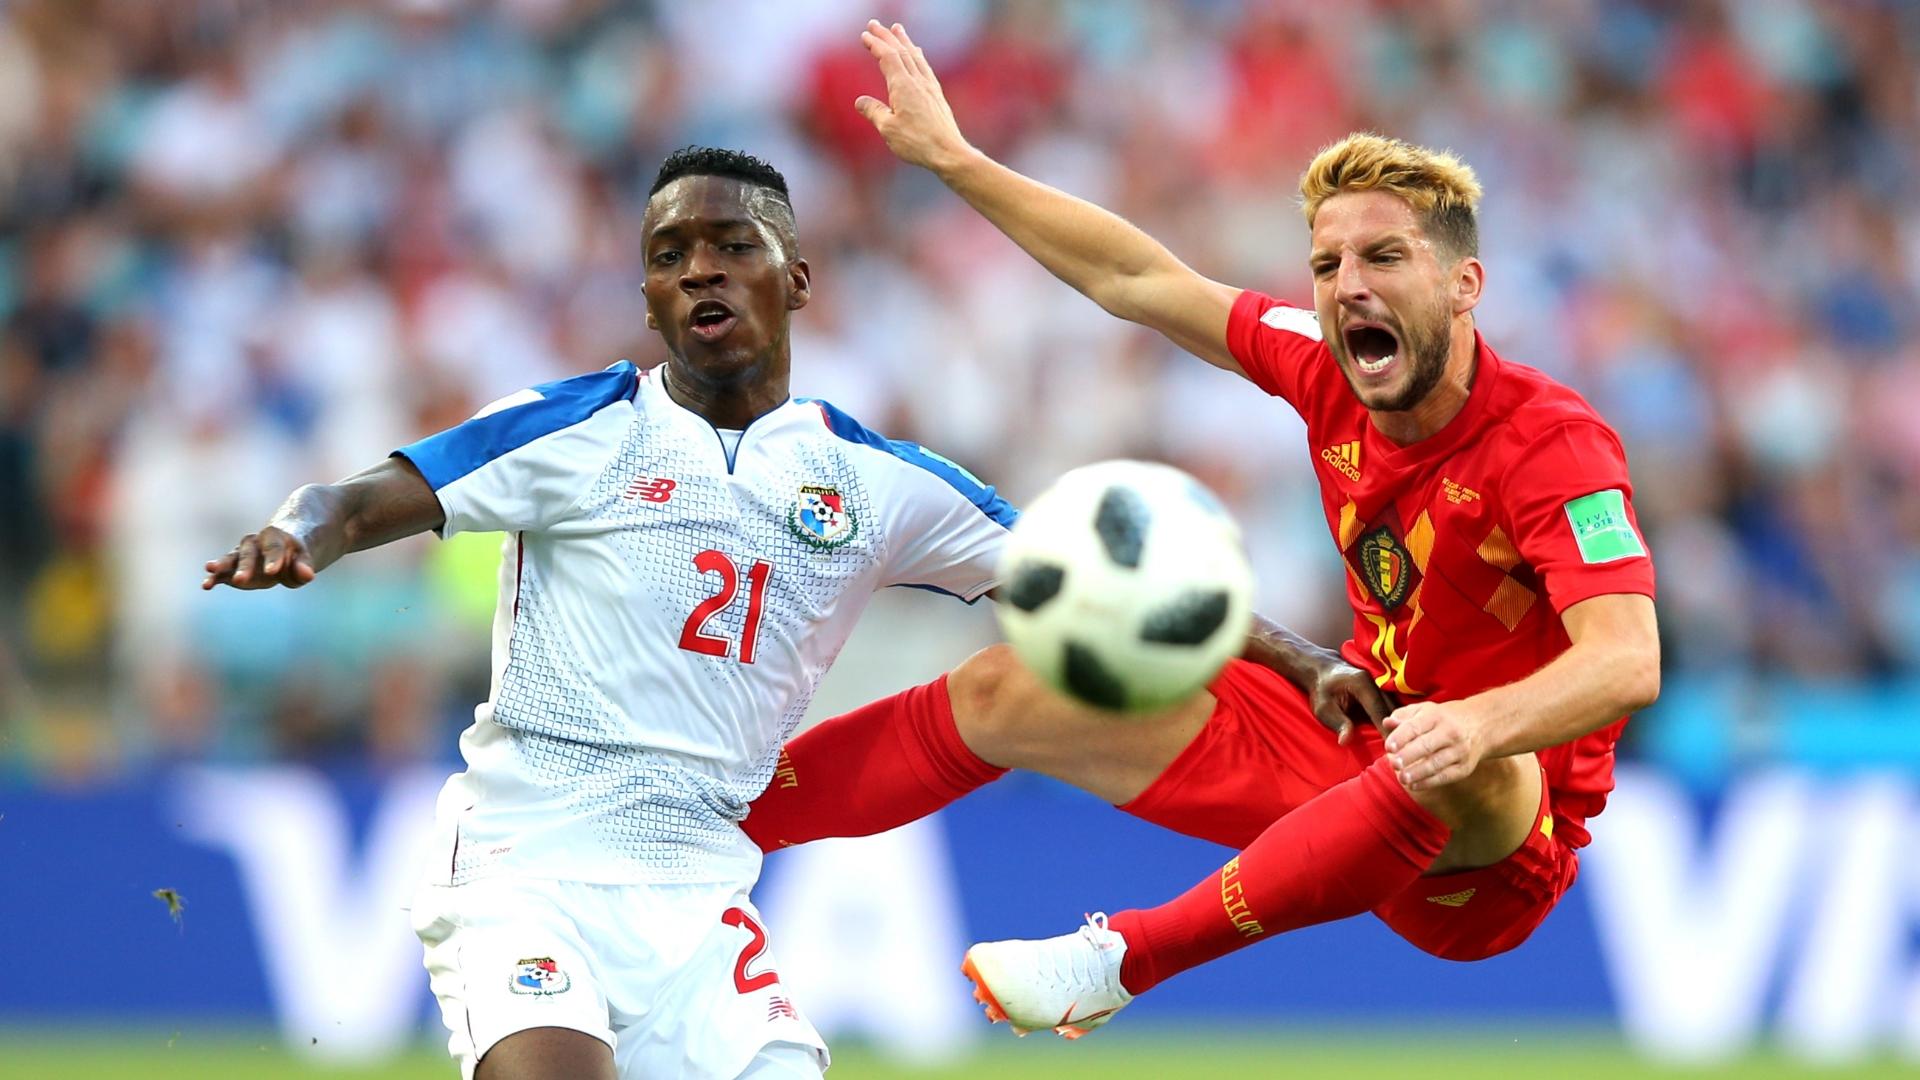 Belgium-vs-panama_1o04uqzdwv4nt1lx2rebx6zj8y